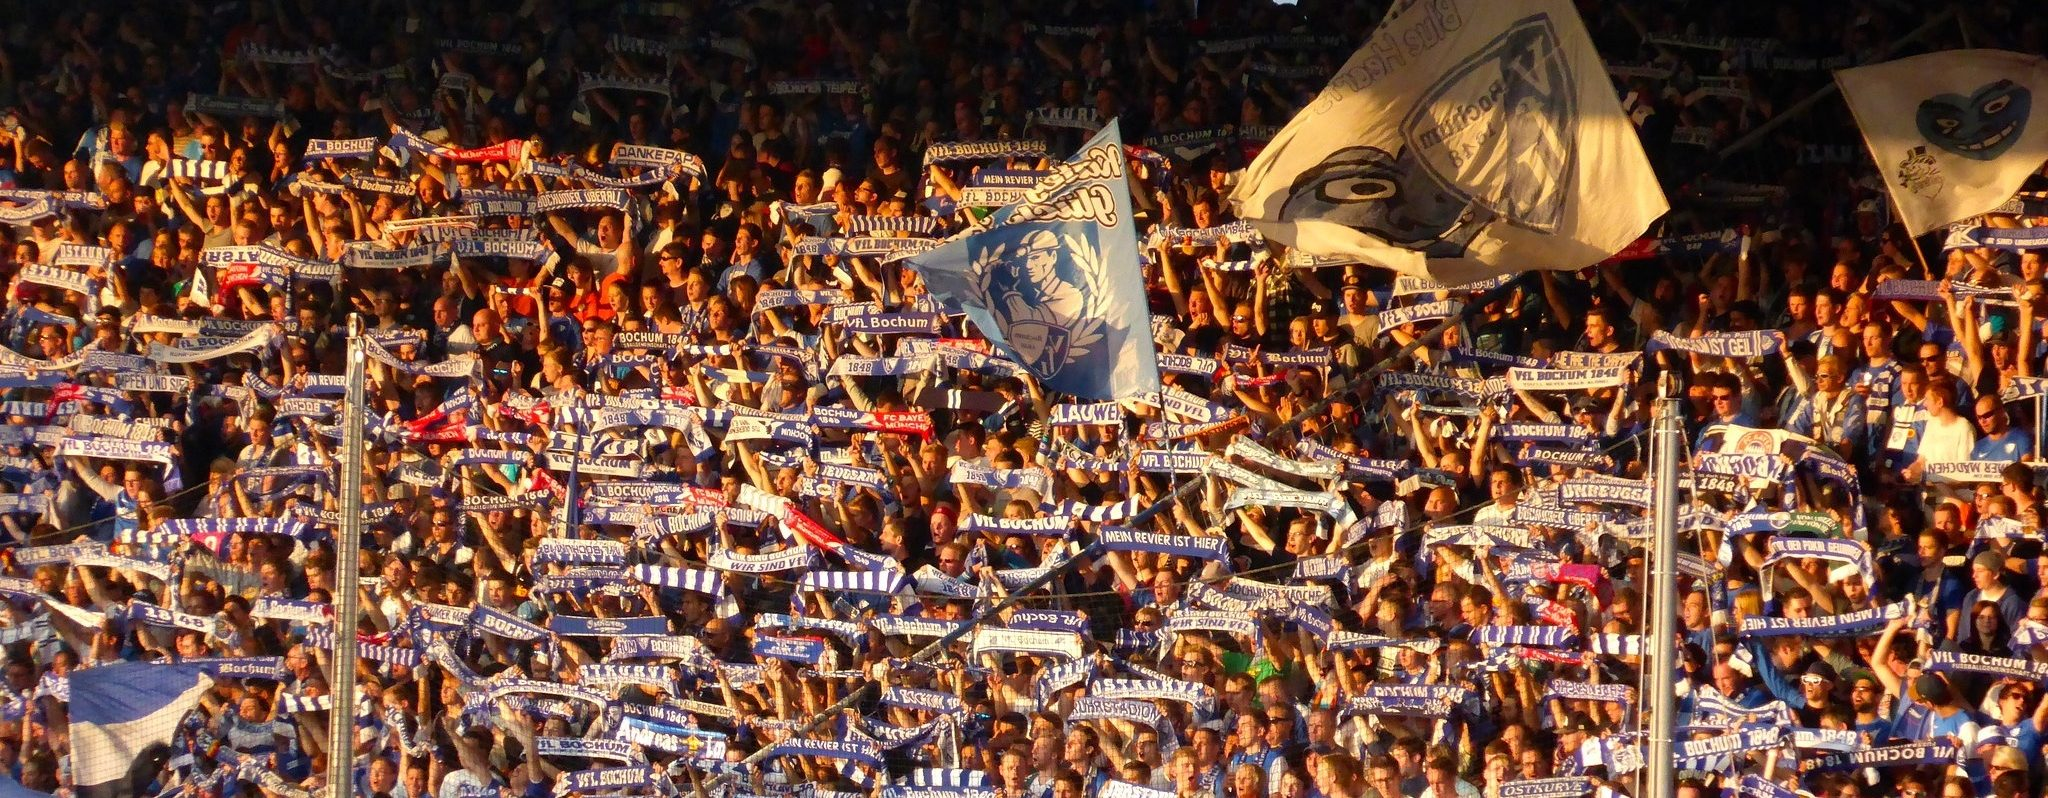 Die Fankurve des VfL Bochum